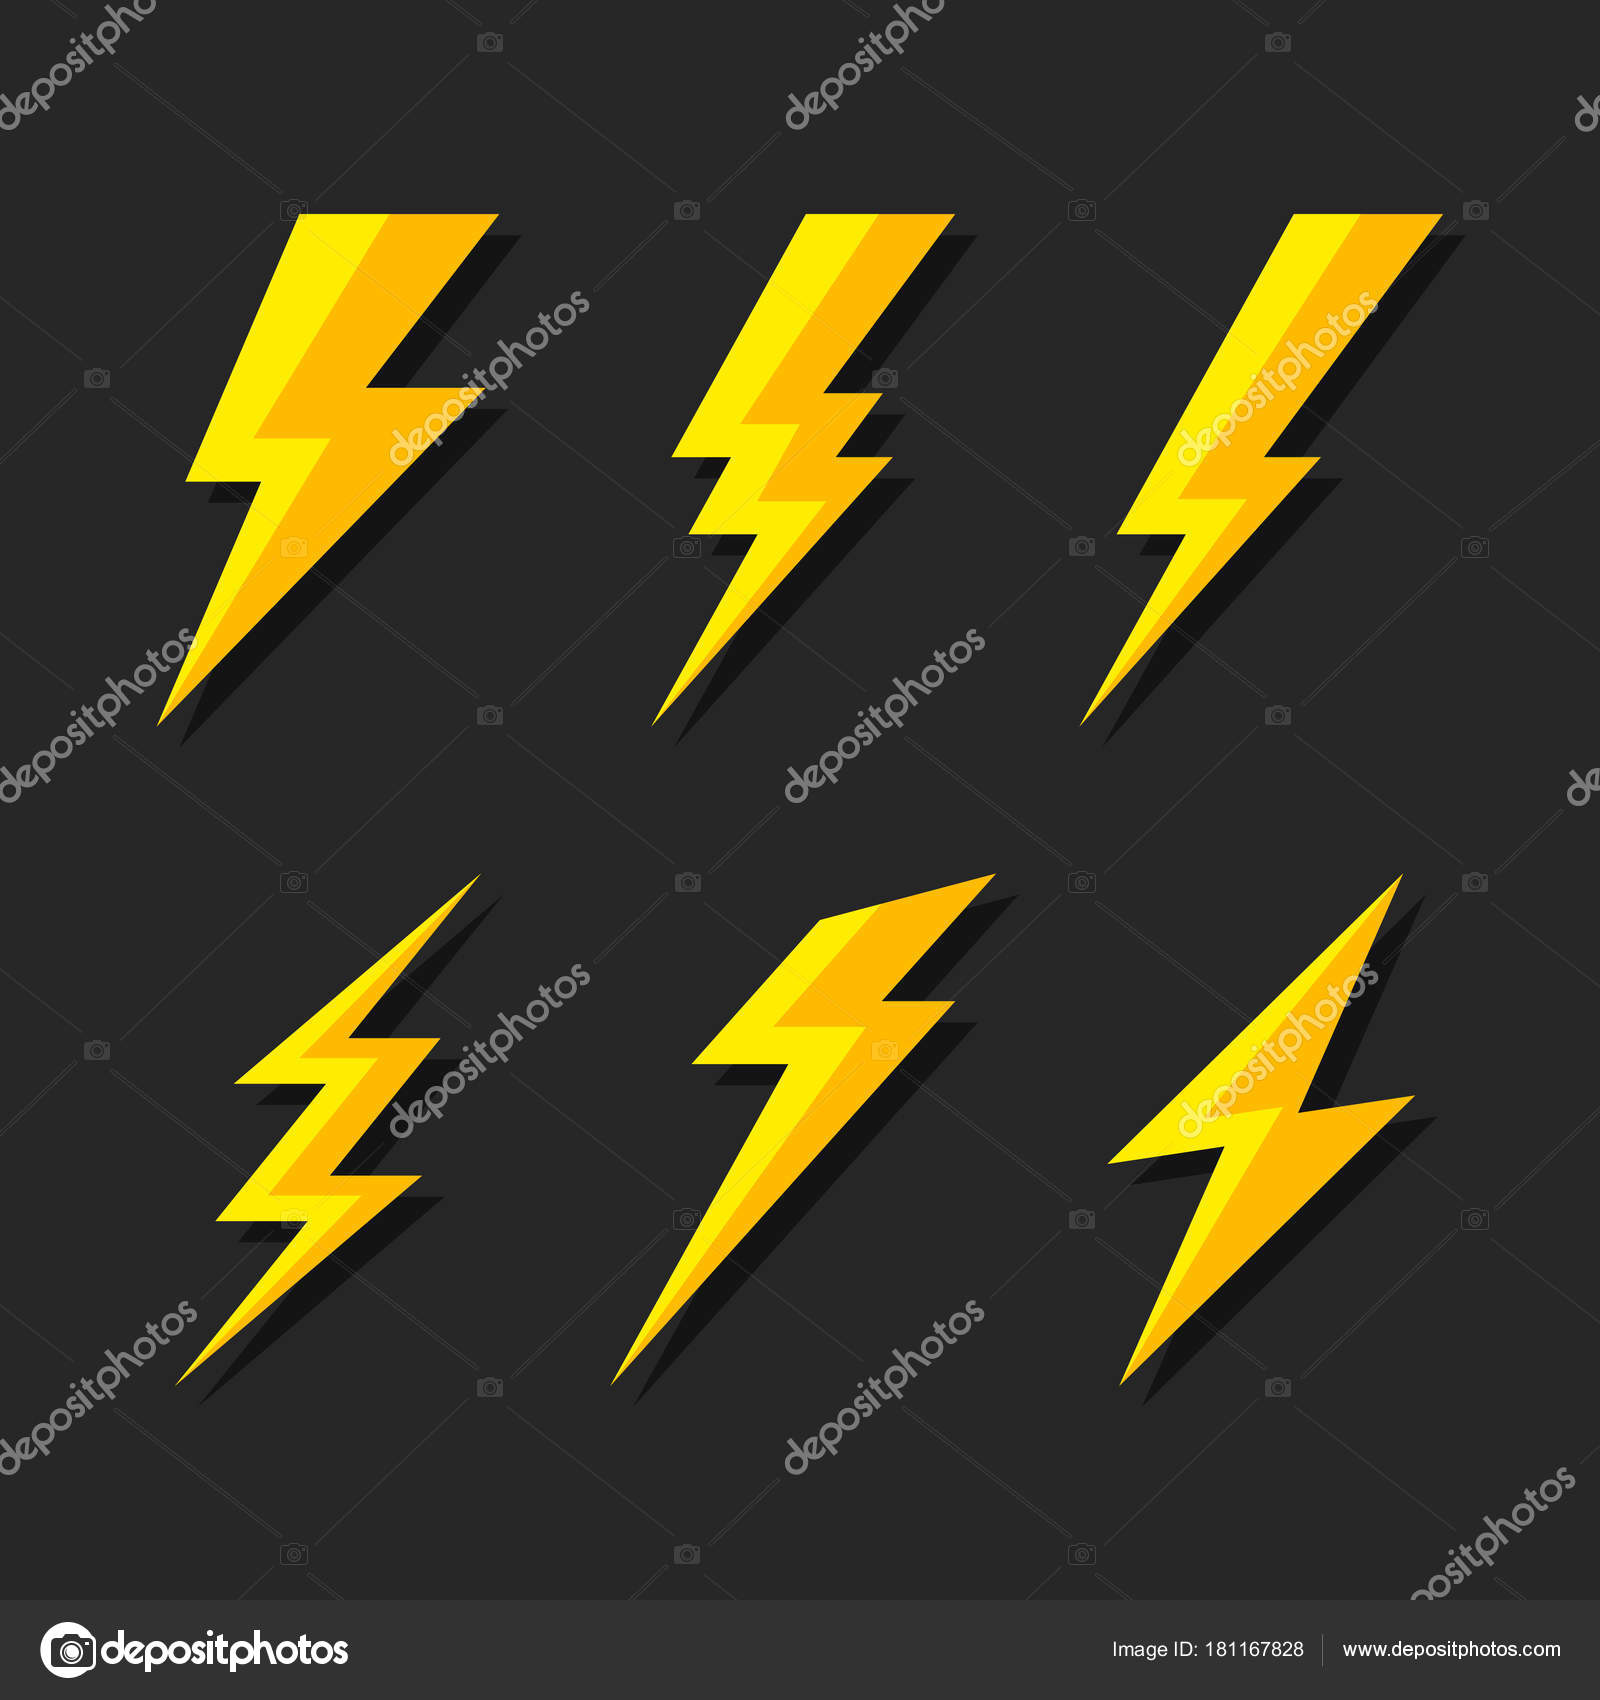 Donner Und Blitz Beleuchtung Flash Icons Set. Flat Style Auf Dunklem  Hintergrund.